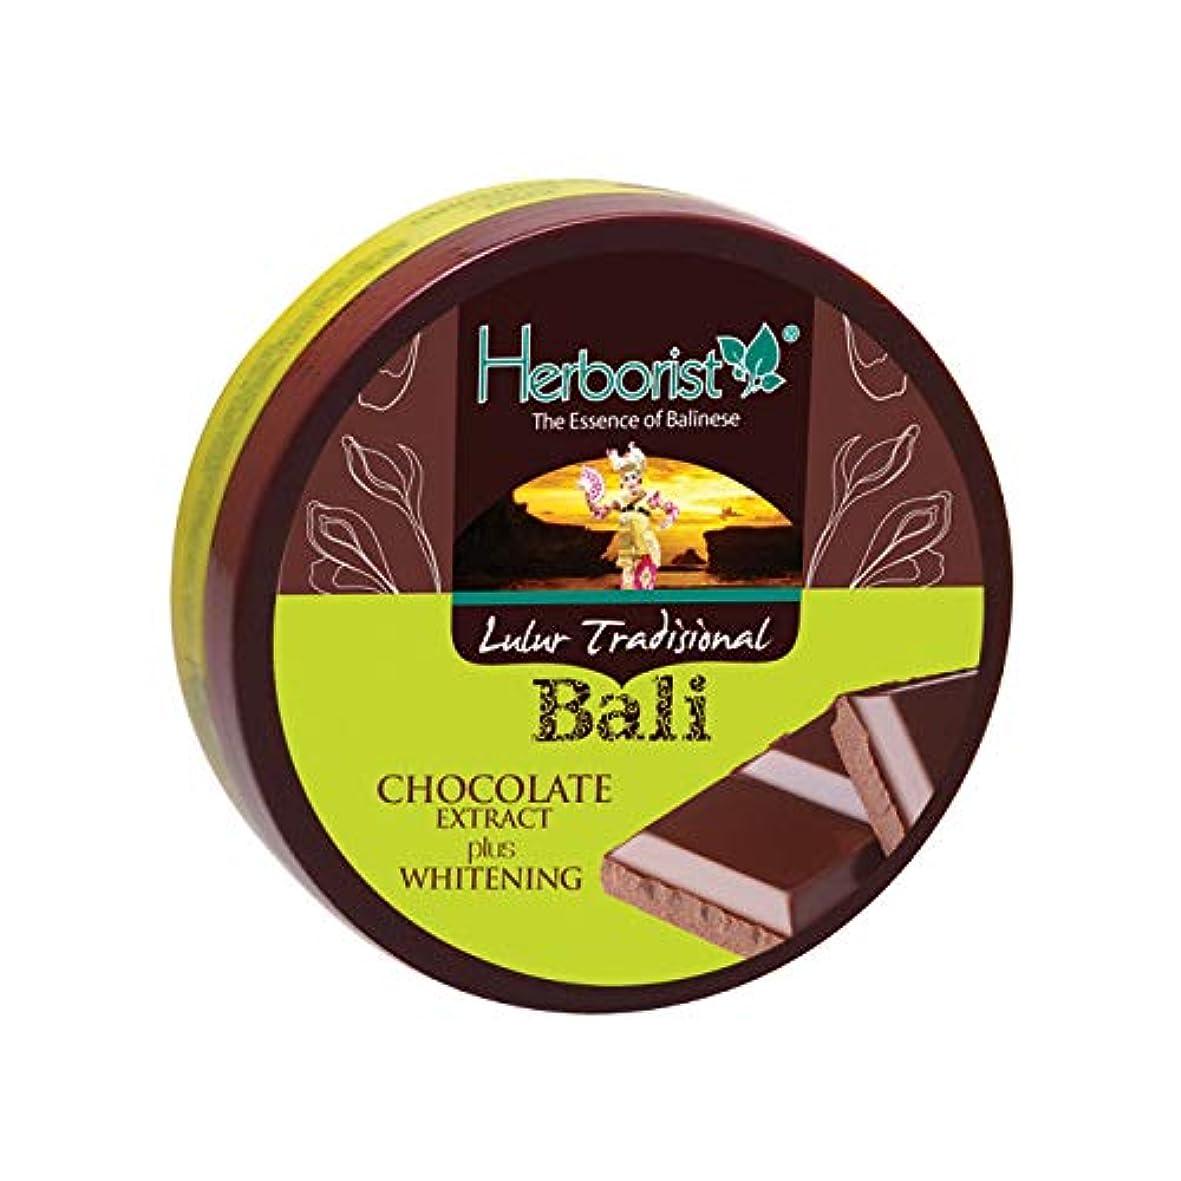 こだわりクールパトロンHerborist ハーボリスト インドネシアバリ島の伝統的なボディスクラブ Lulur Tradisional Bali ルルールトラディショナルバリ 100g Chocolate チョコレート [海外直送品]